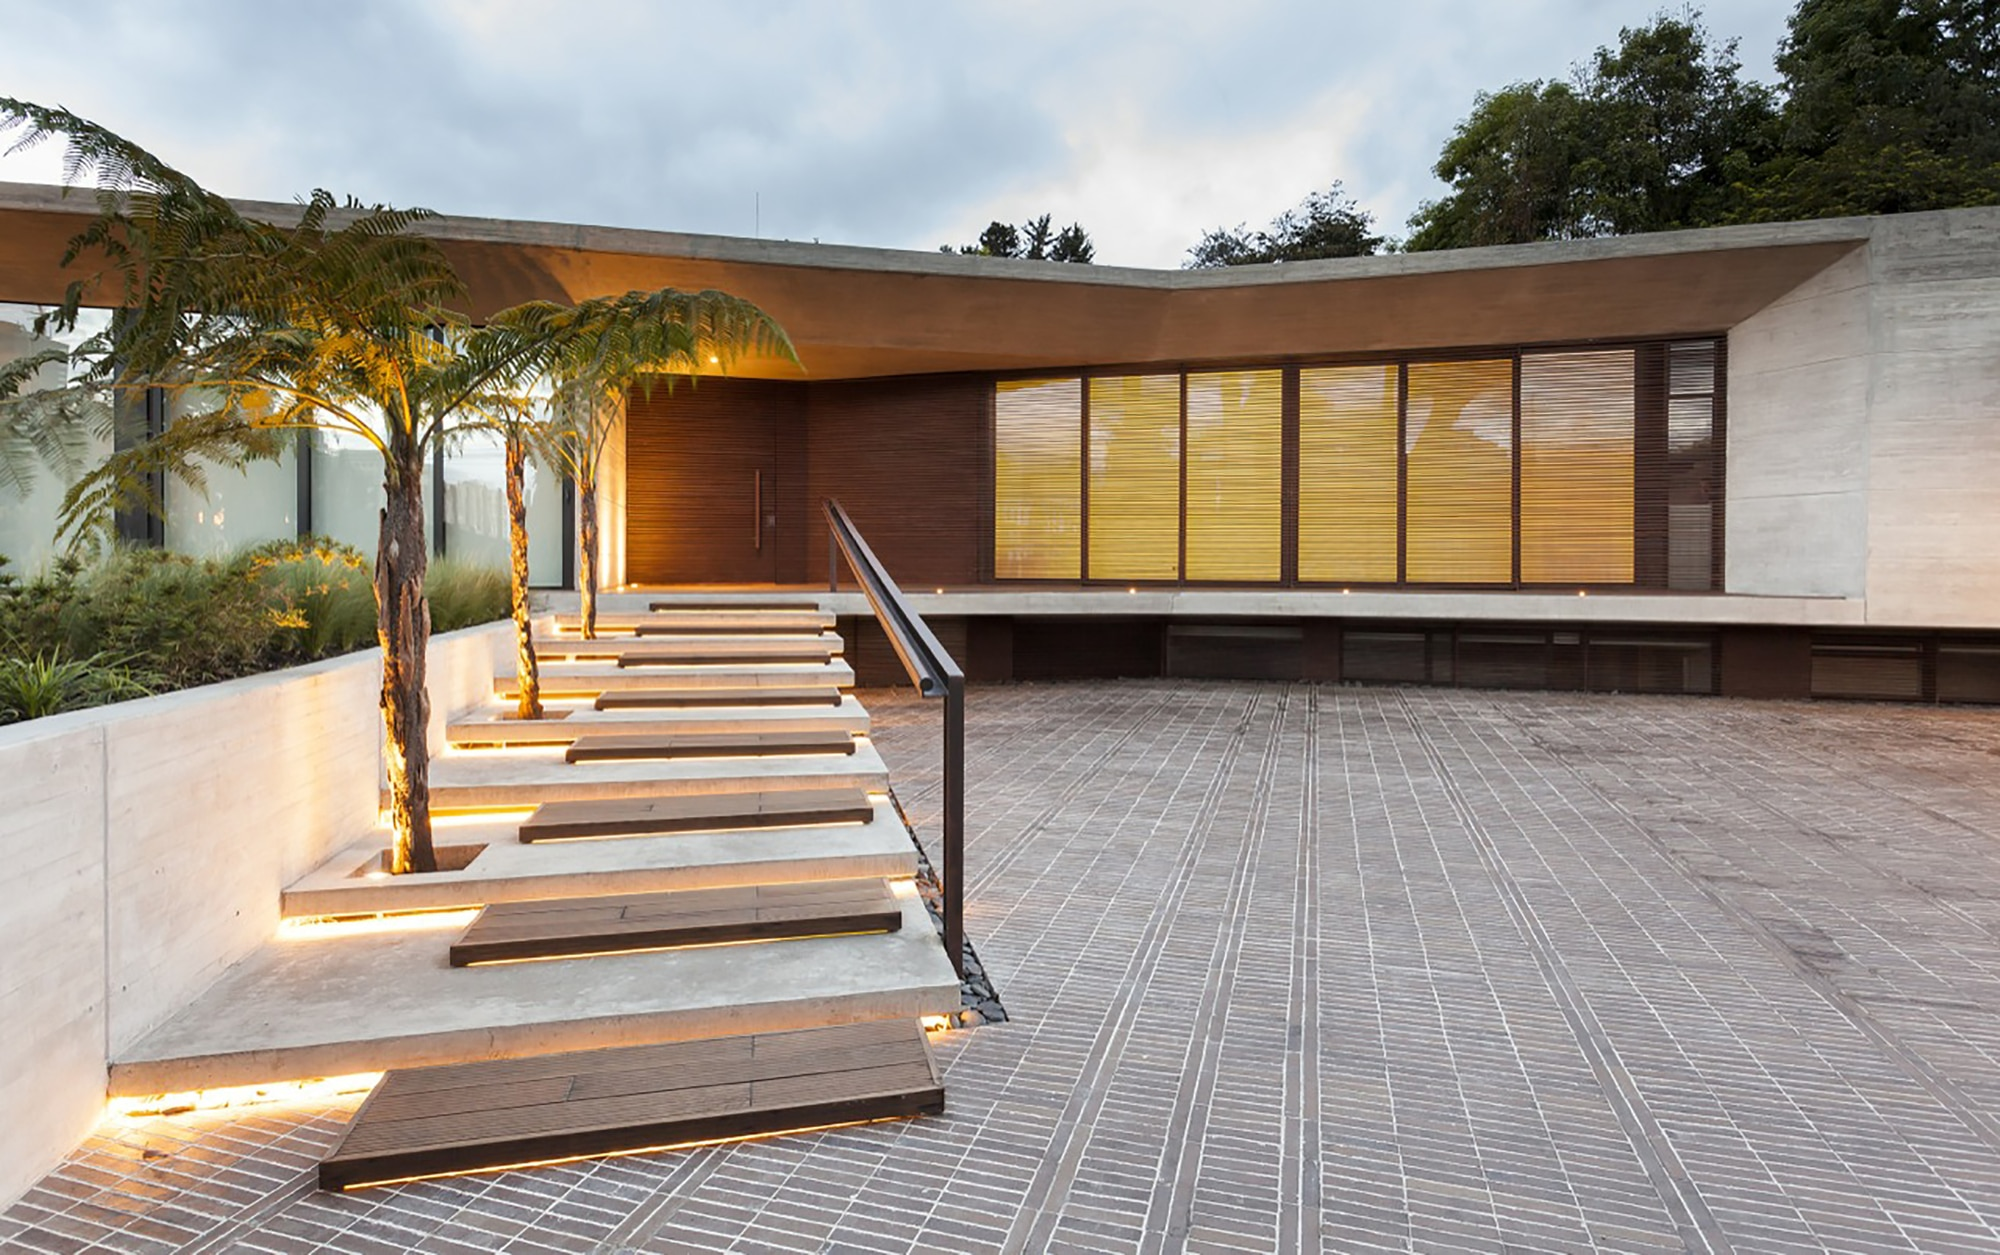 Moderno dise o casa de un piso con planos construye hogar for Pisos para exteriores modernos